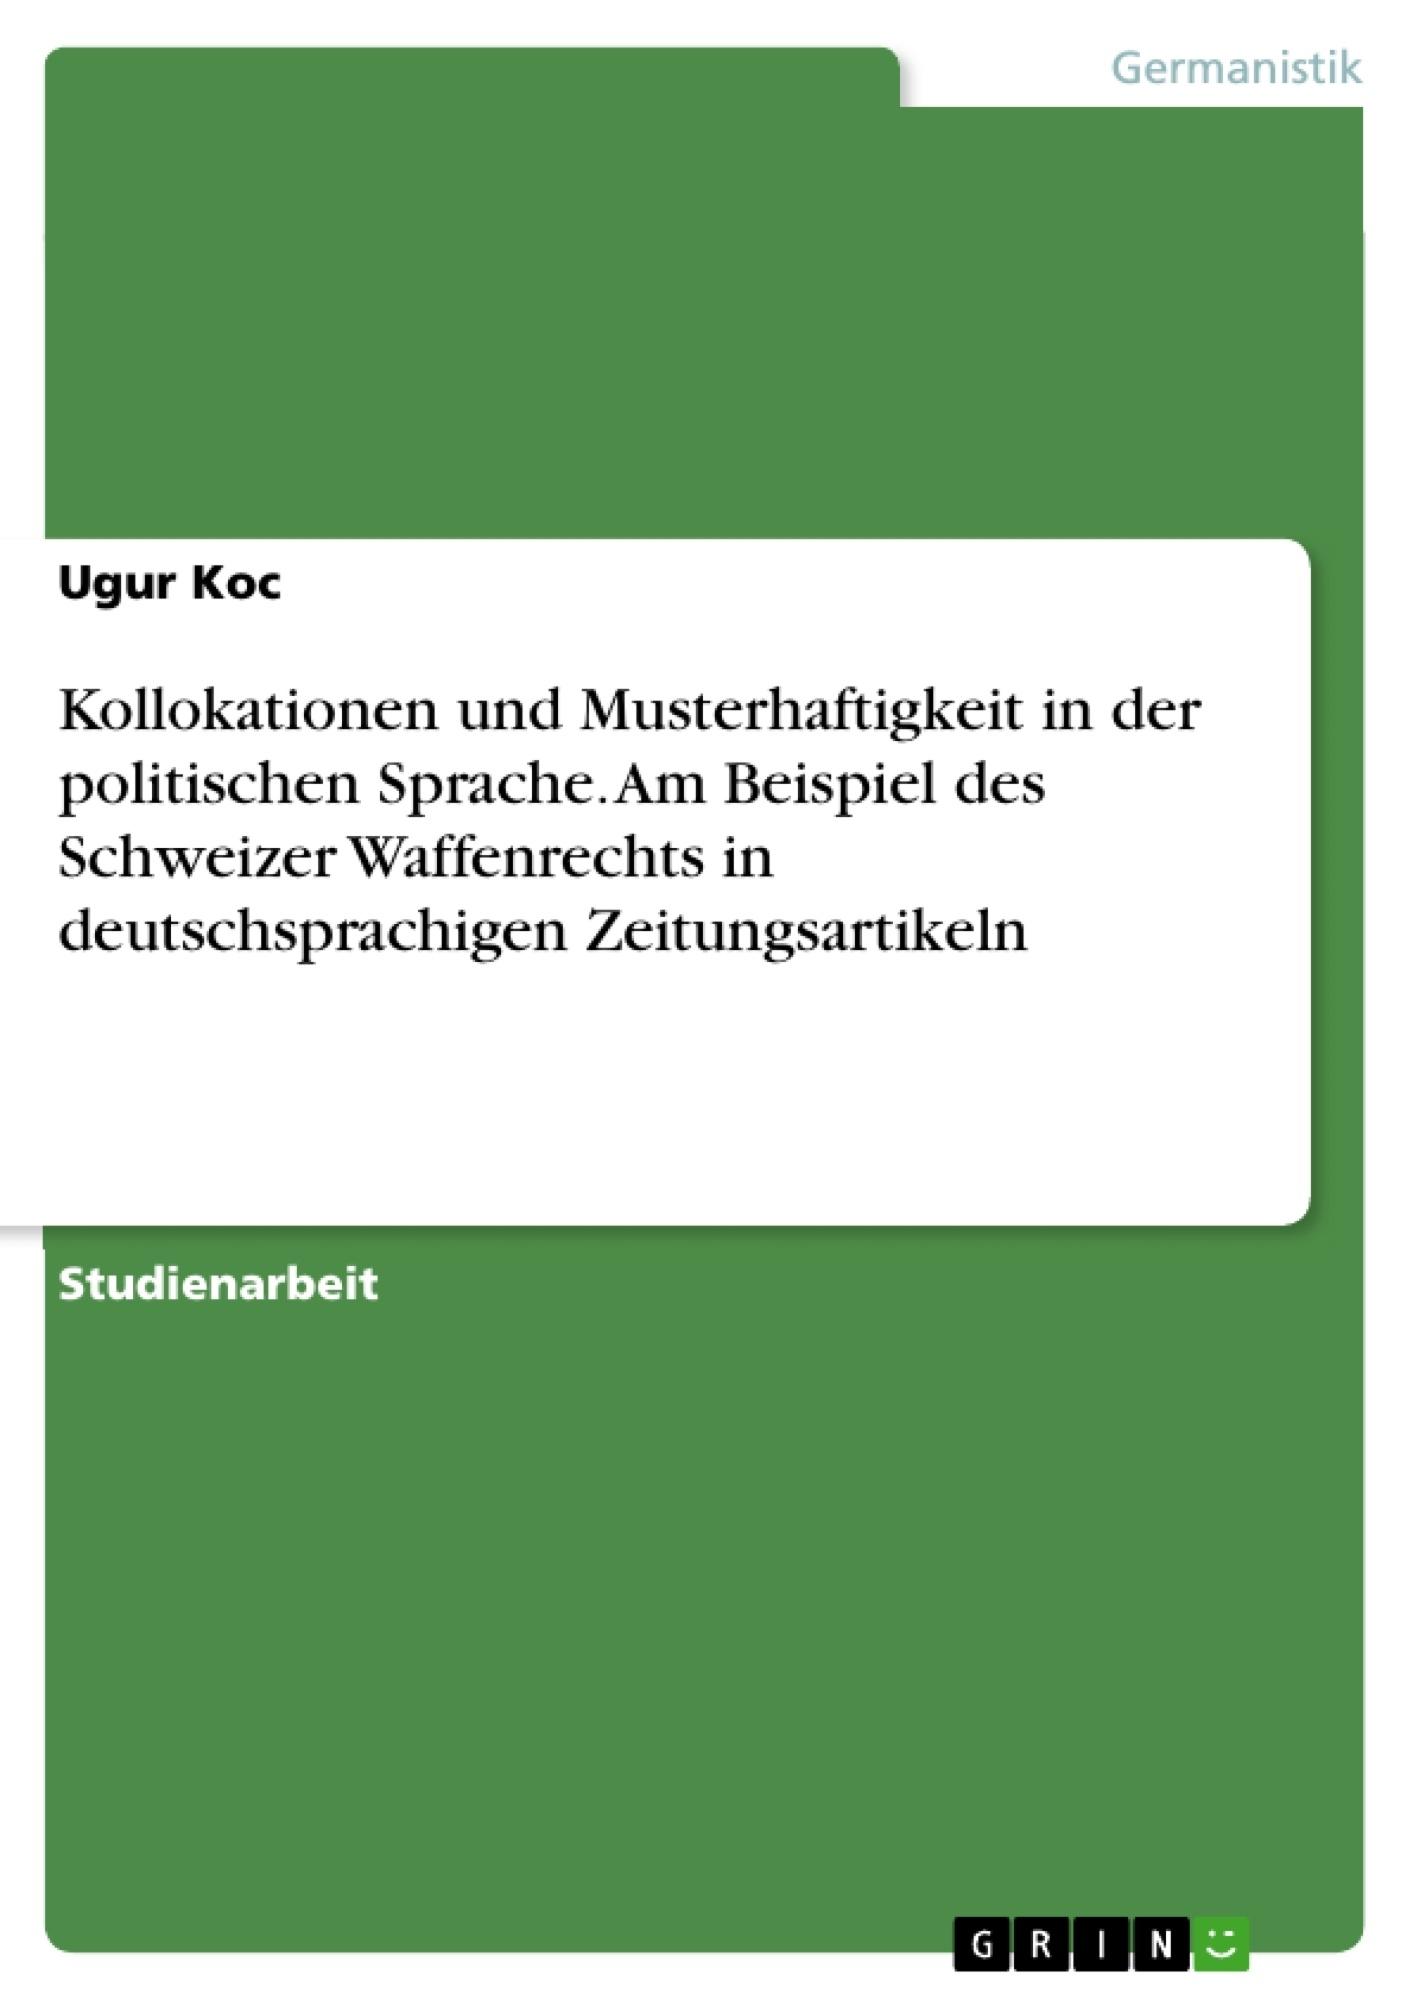 Titel: Kollokationen und Musterhaftigkeit in der politischen Sprache. Am Beispiel des Schweizer Waffenrechts in deutschsprachigen Zeitungsartikeln